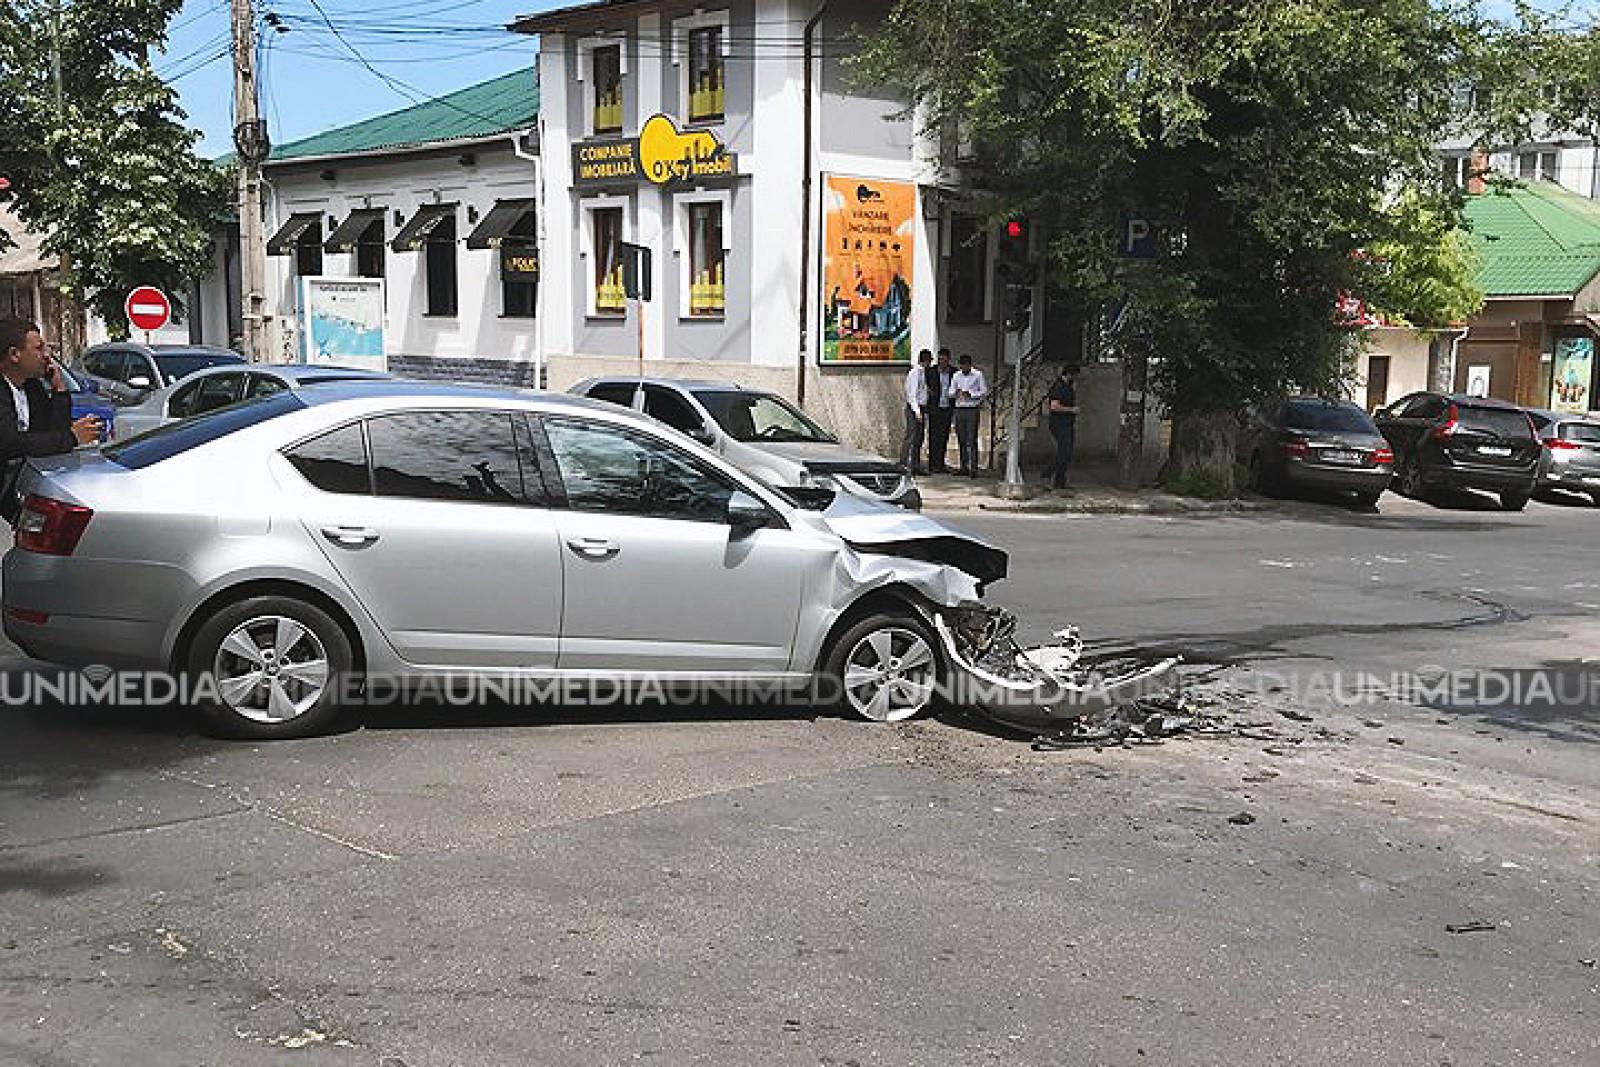 (foto) Accident violent în apropiere de USM: O Șkoda s-a tomponat cu o betonieră